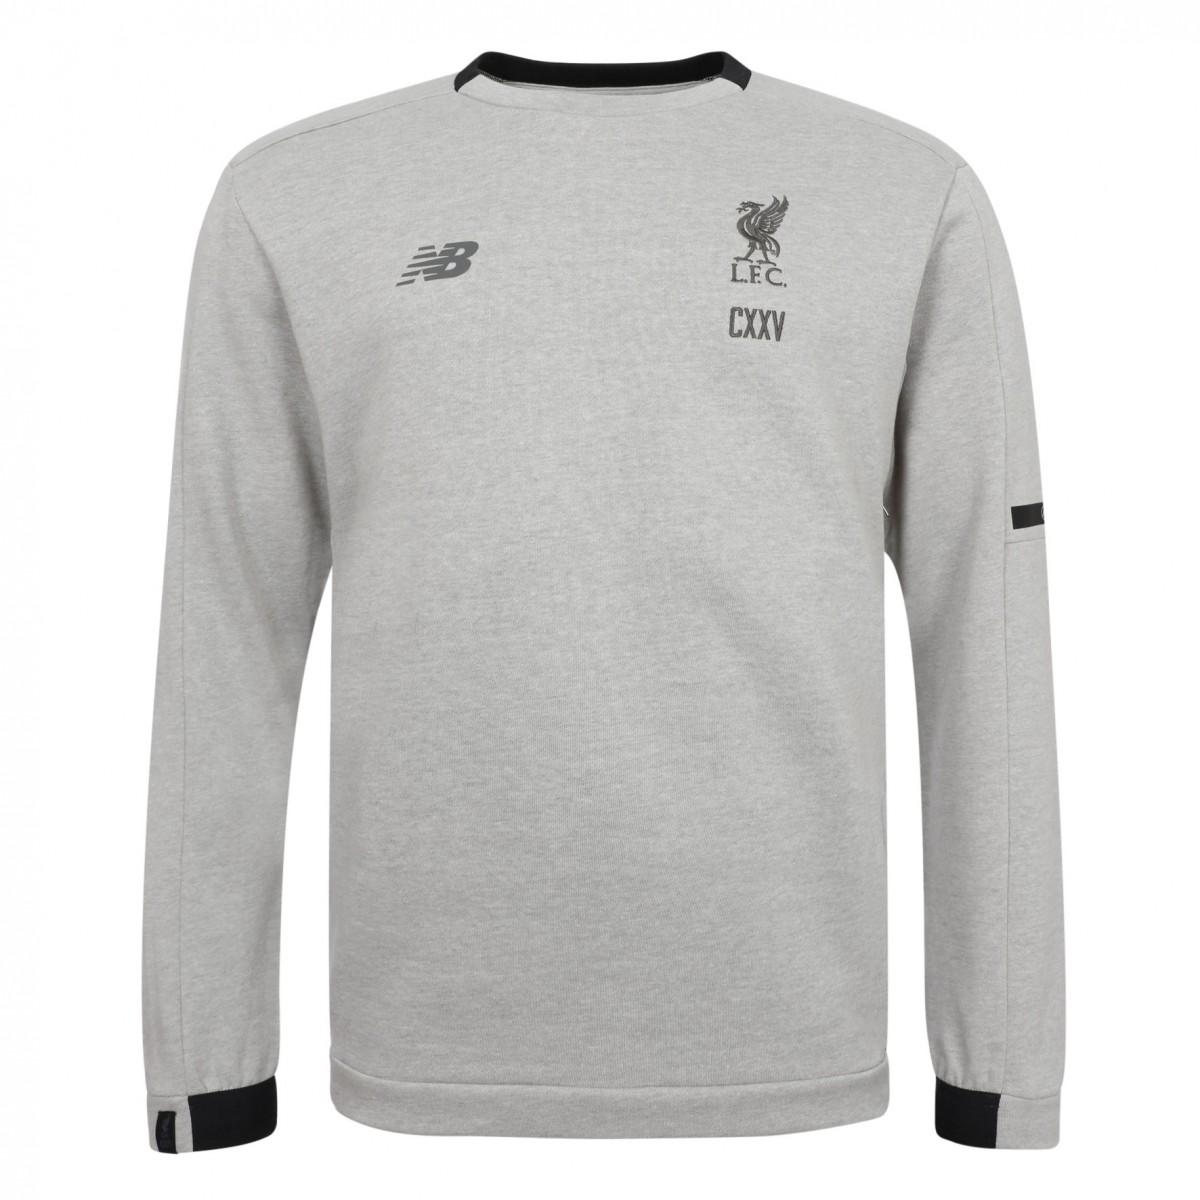 เสื้อสเวตเชิ้ตนิวบาลานซ์ลิเวอร์พูล สีเทาของแท้ Sportswear Mens Grey Sweatshirt CXXV 17/18